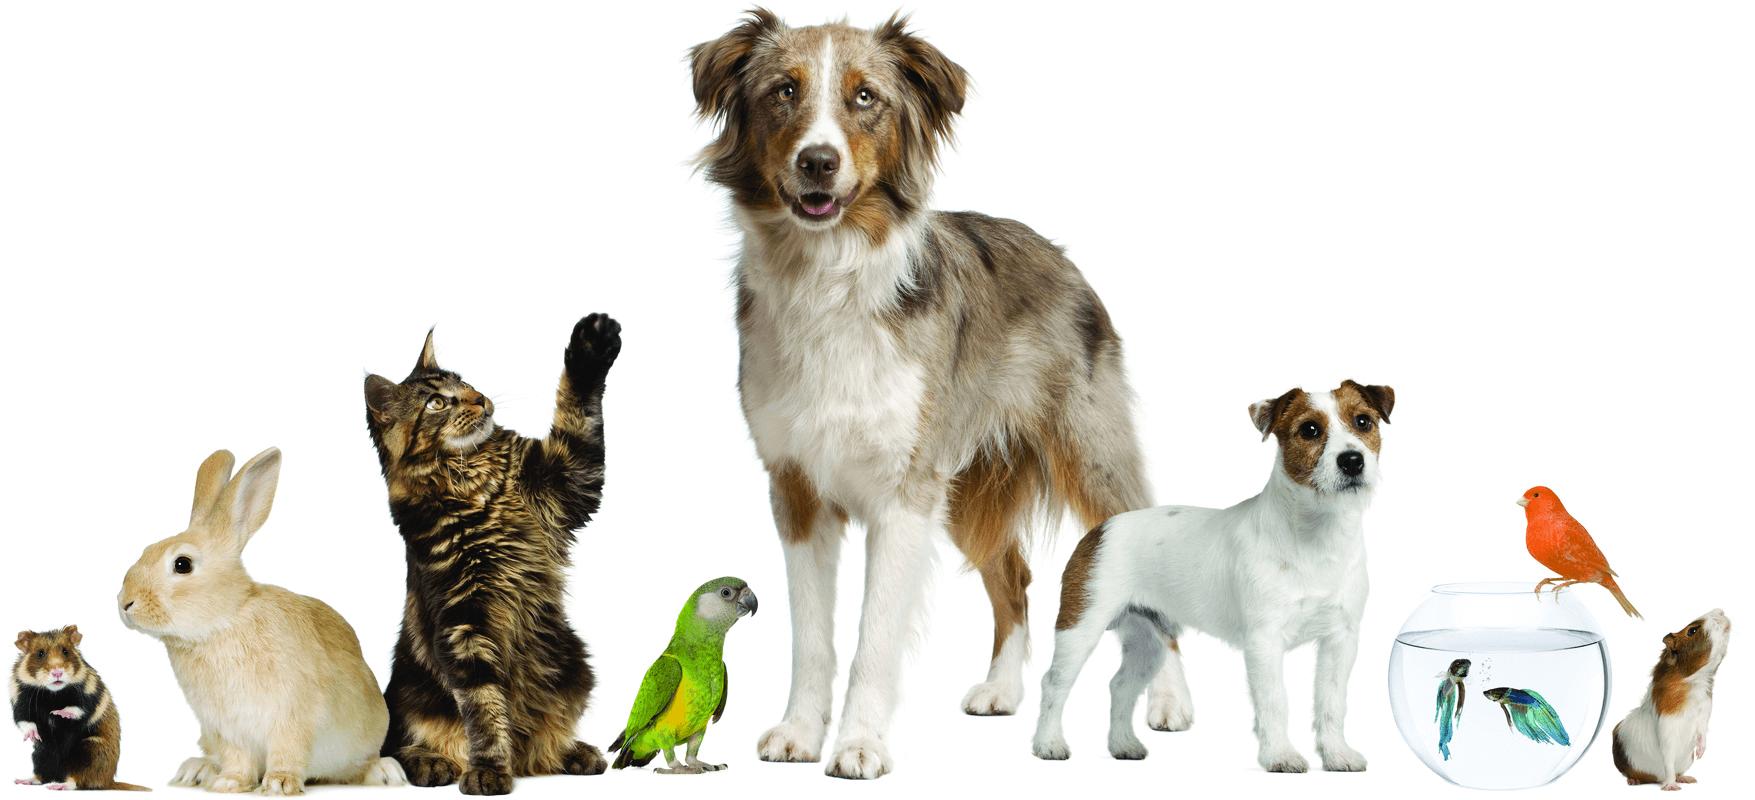 Tierarztpraxis Ellinger & Thumm - HEADER - Unterseite